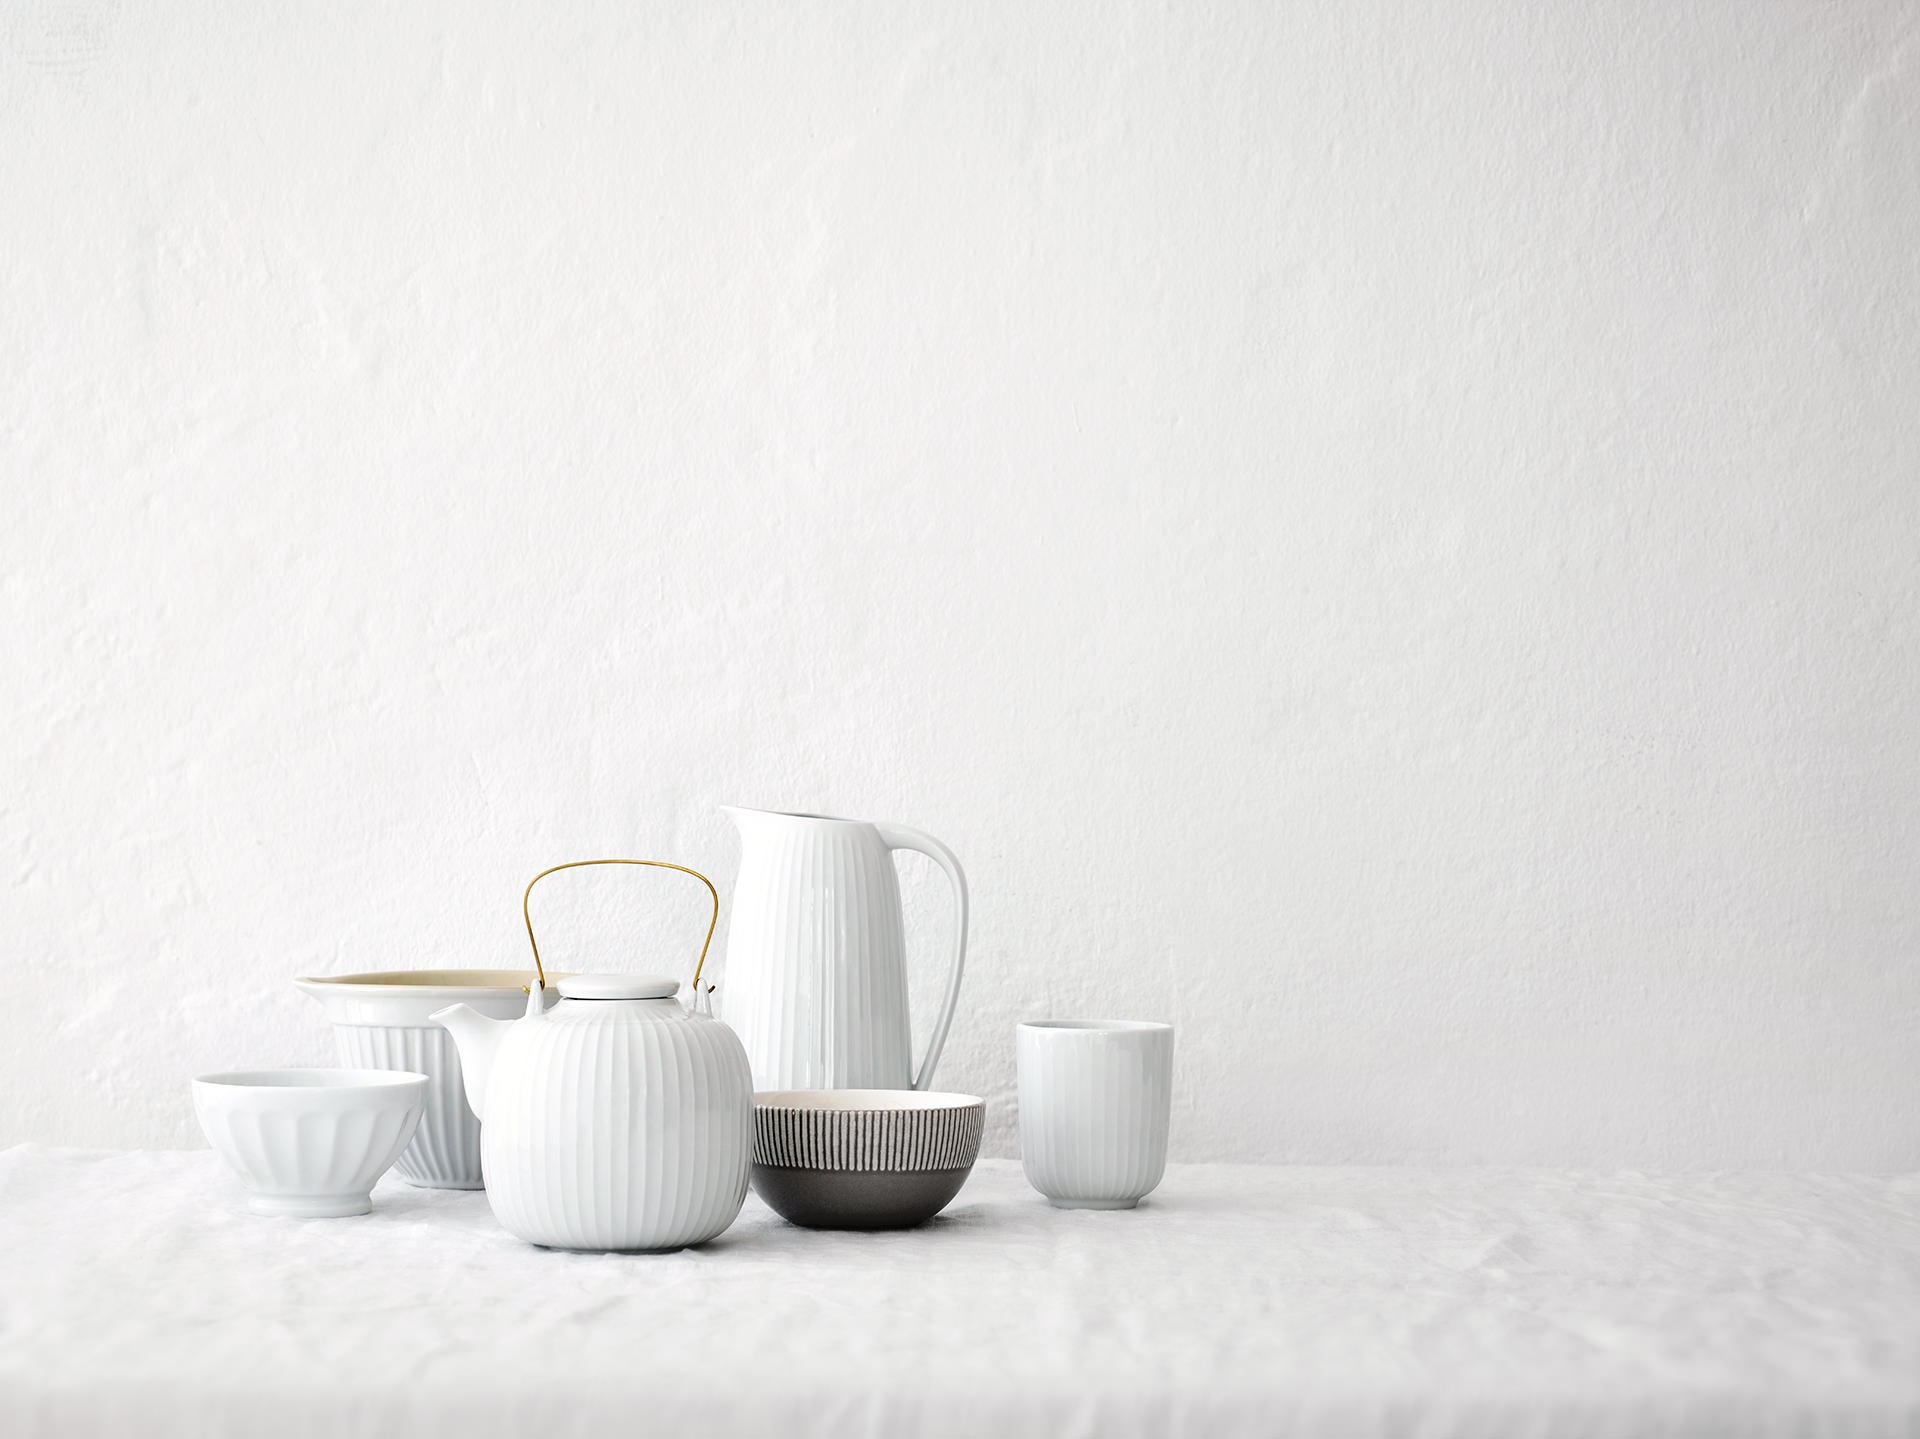 porzellan-weiss-kanne-tasse-stilllife